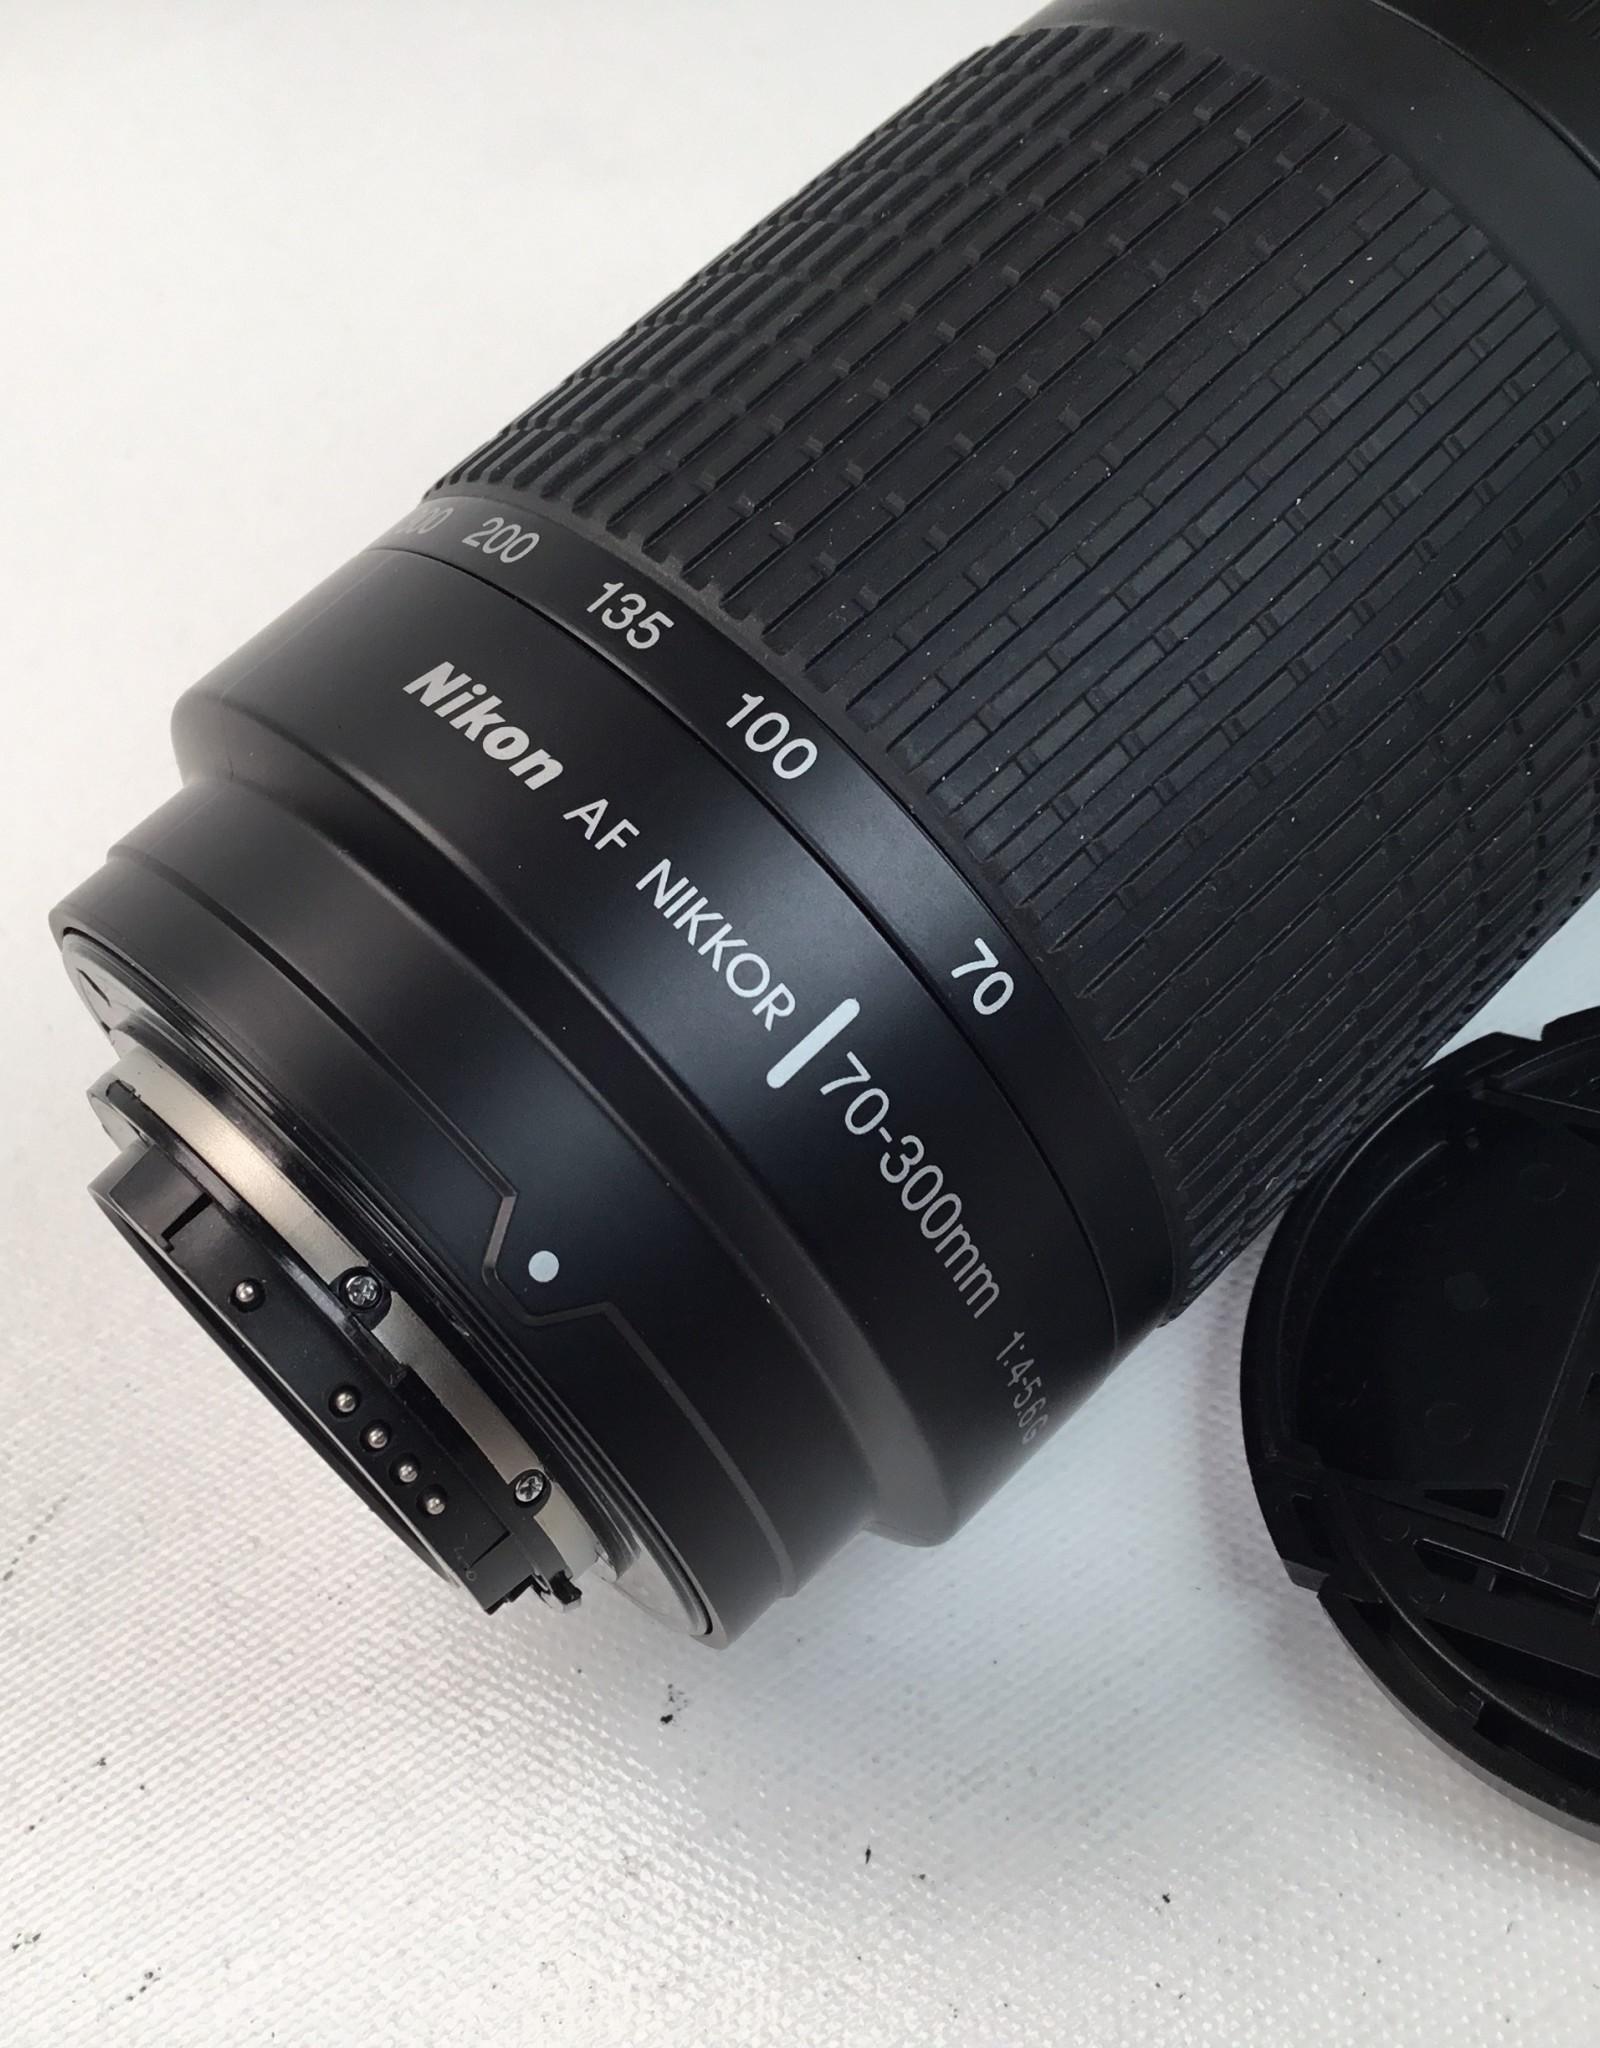 NIKON Nikon AF Nikkor 70-300mm f4-5.6 G Lens Used EX